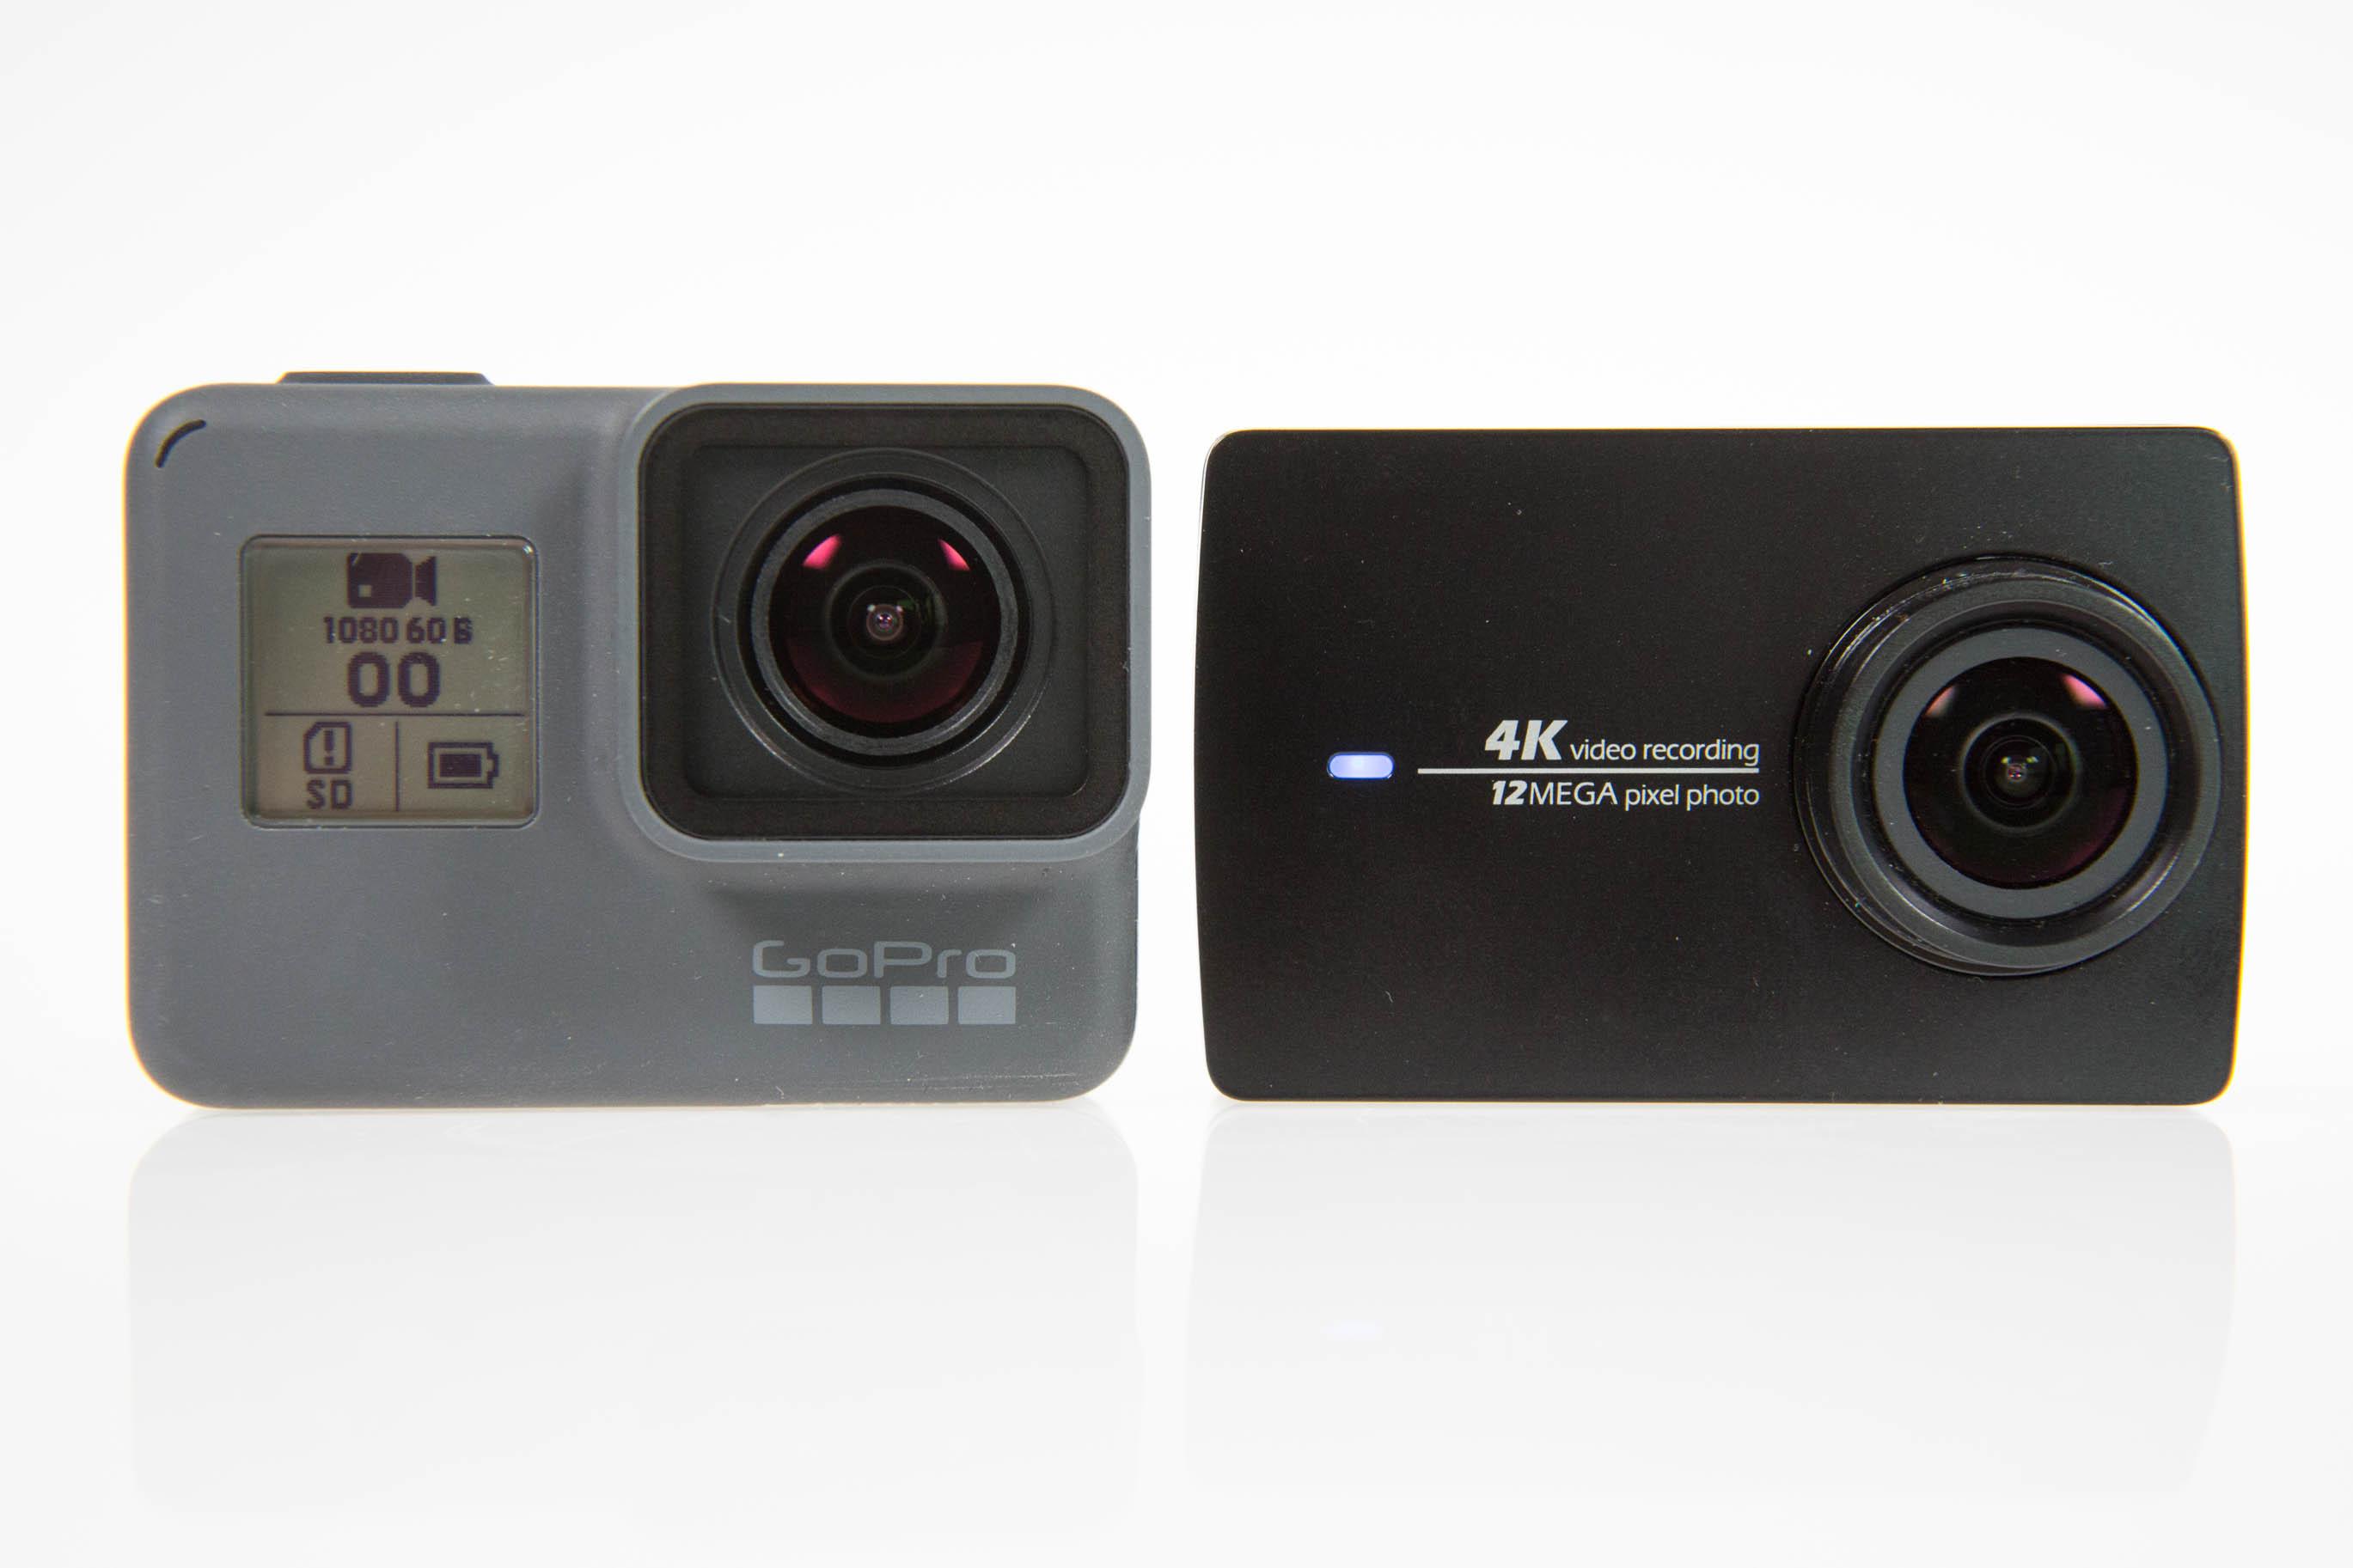 Gopro Hero 5 vs. Yi 4K Action Camera: Gute Bilder reichen nicht mehr - Anstelle des LC-Displays hat die Yi 4K Action Camera eine LED. Sie verlischt, wenn die Aufnahme startet. (Bild: Martin Wolf/Golem.de)